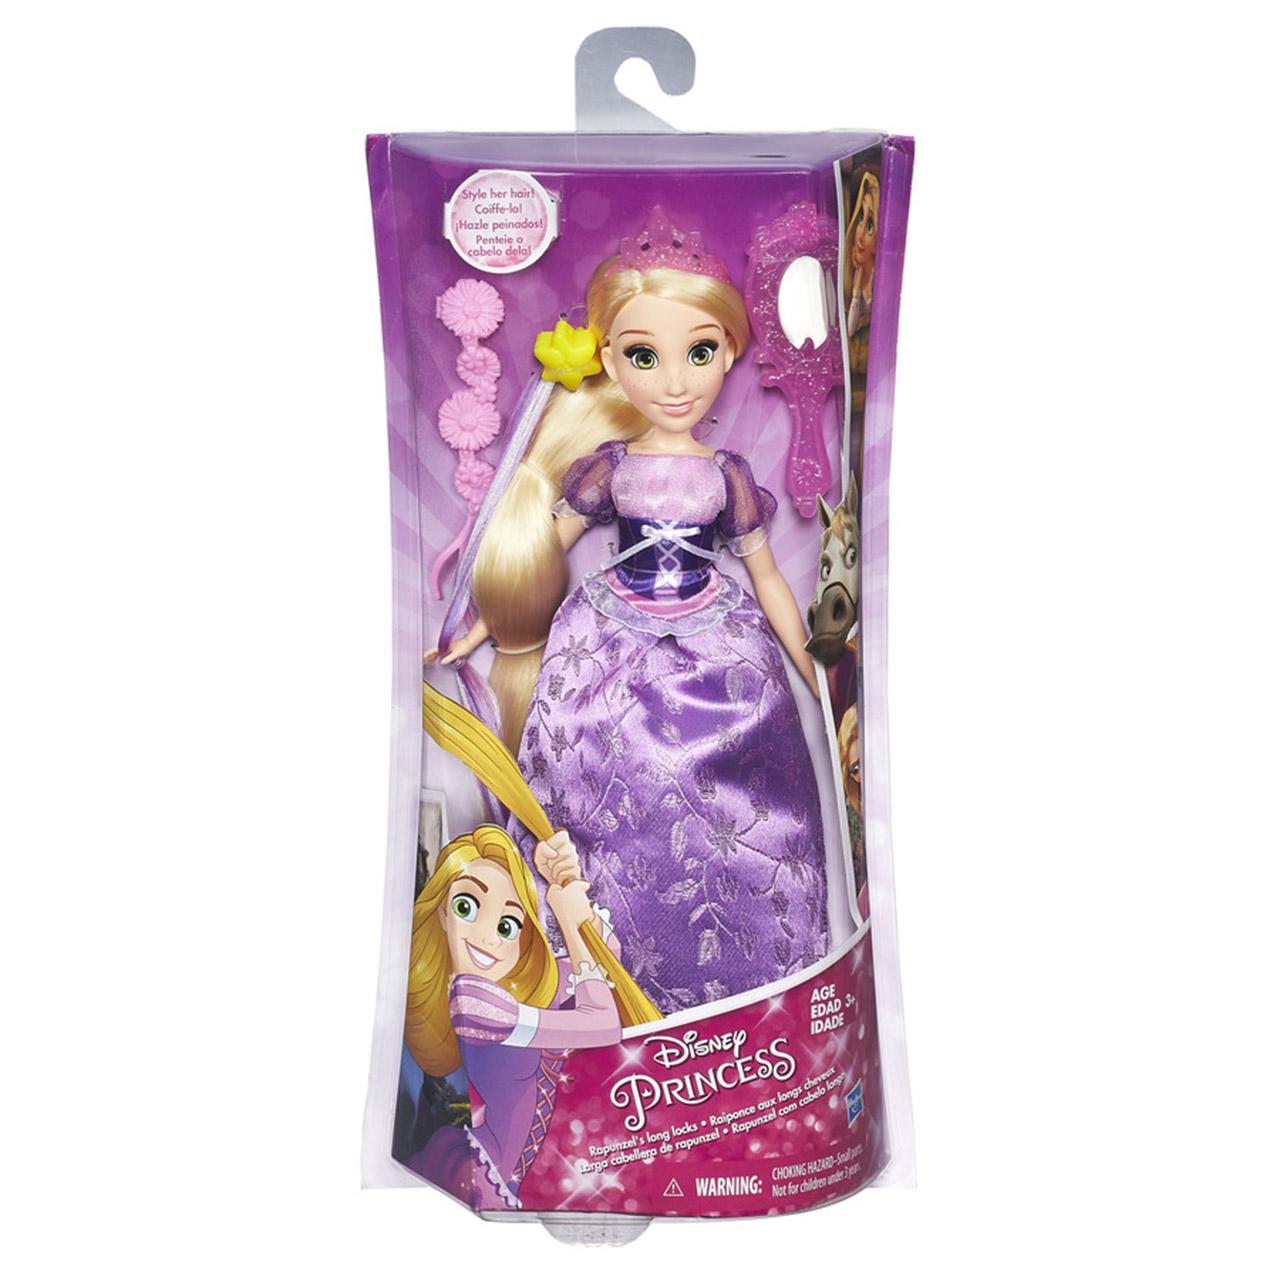 Disney Princess panenka s vlasovými doplňky Popelka